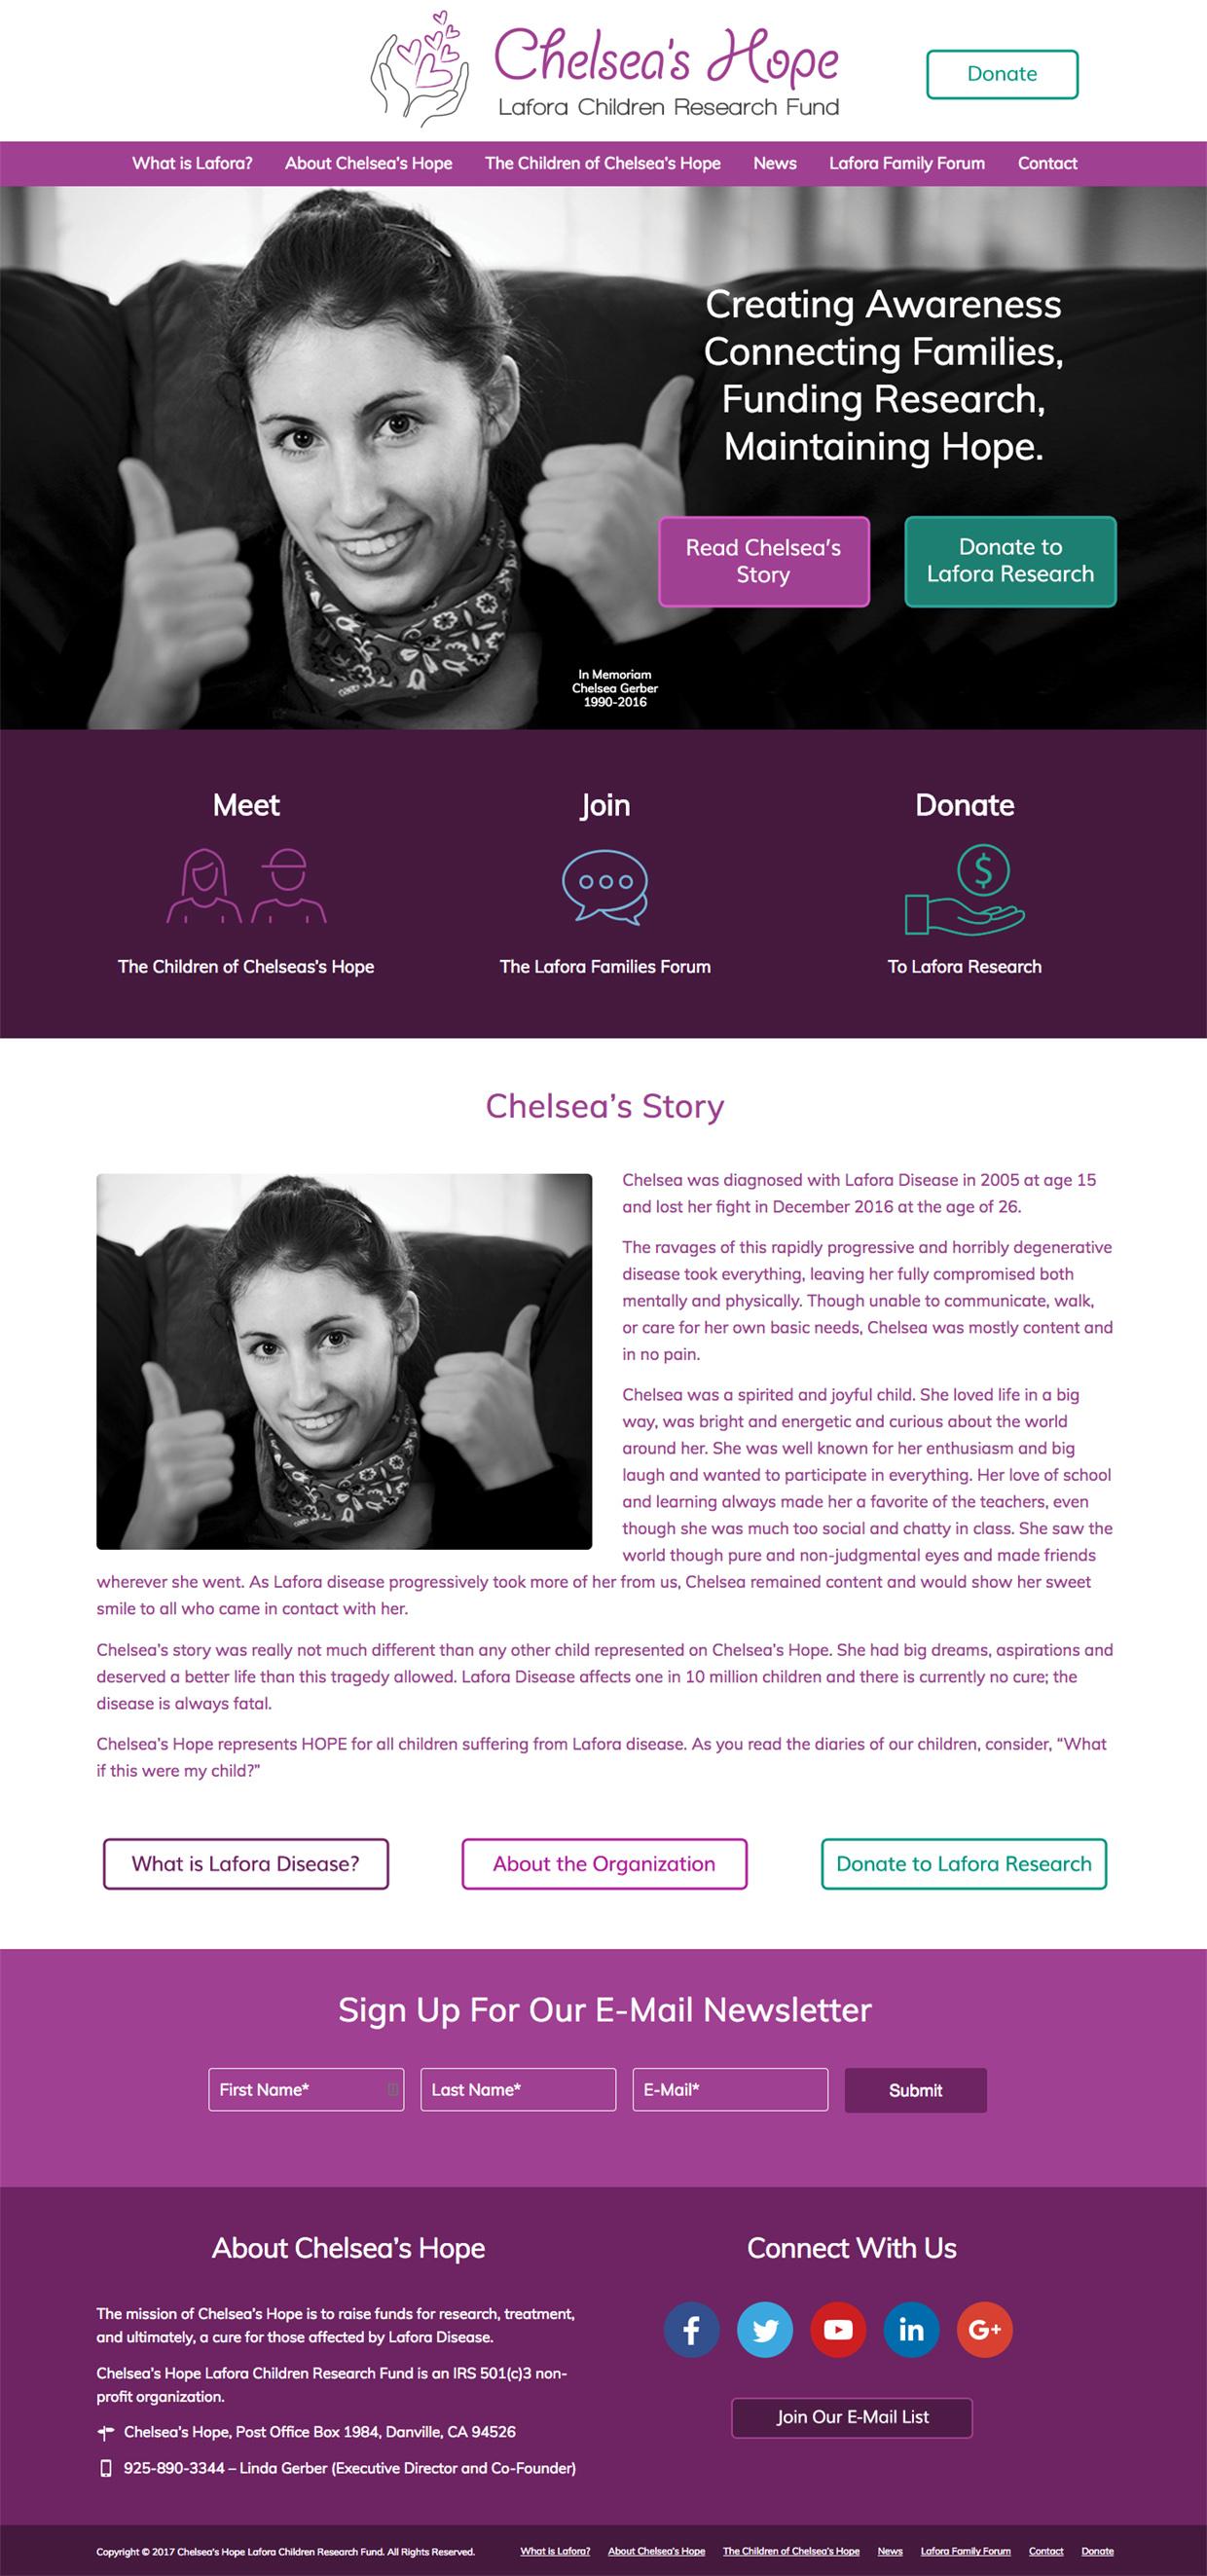 Chelsea's Hope Homepage